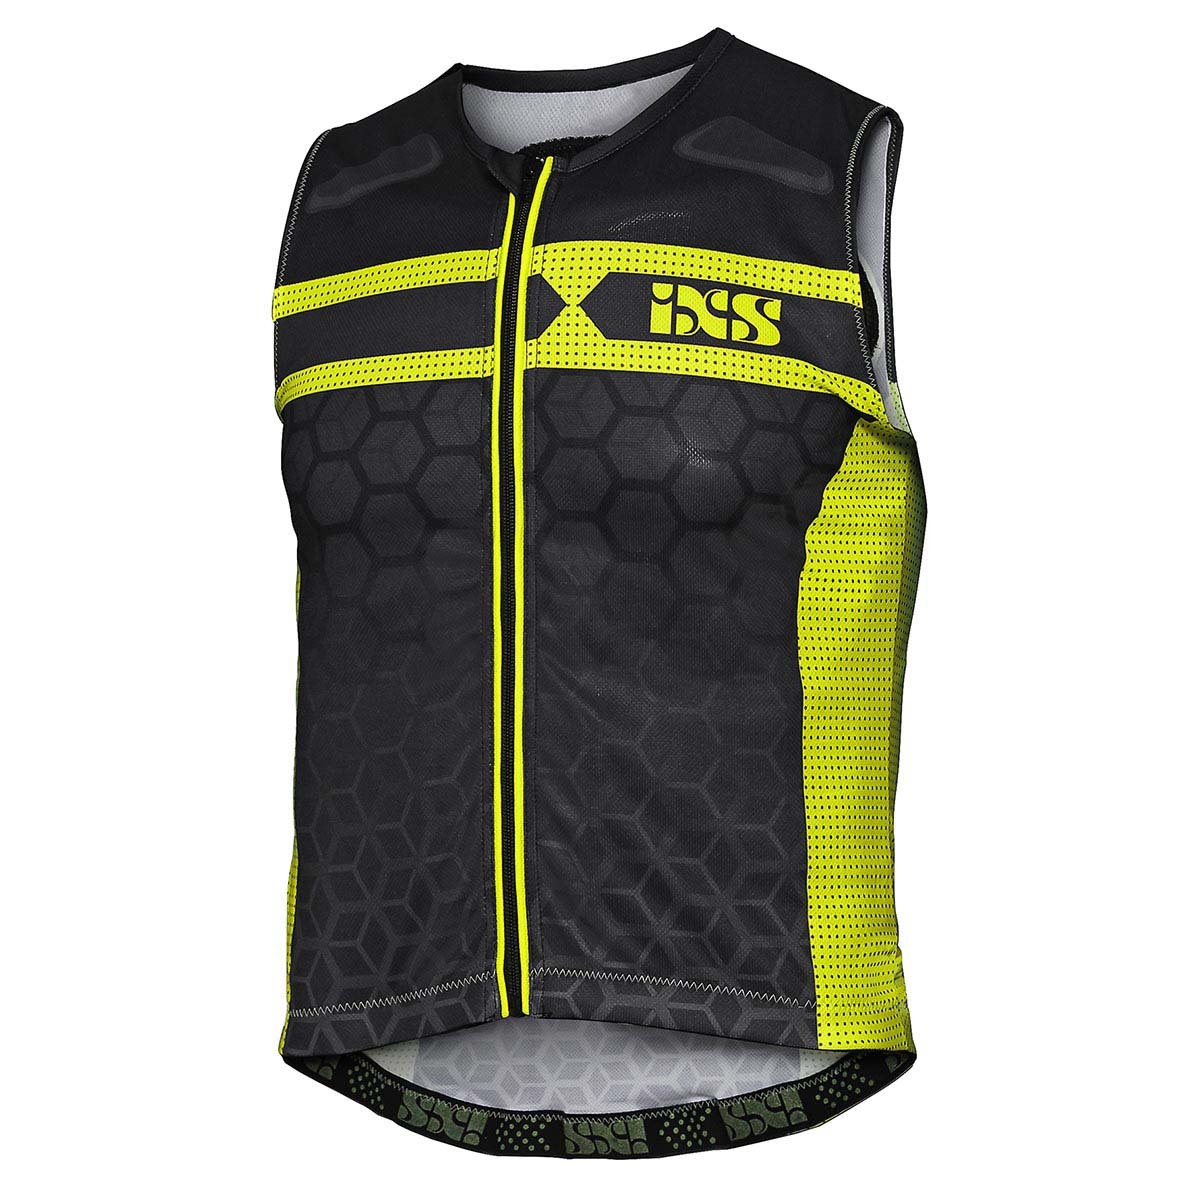 IXS VEST PROTECTOR RS-20 black/green